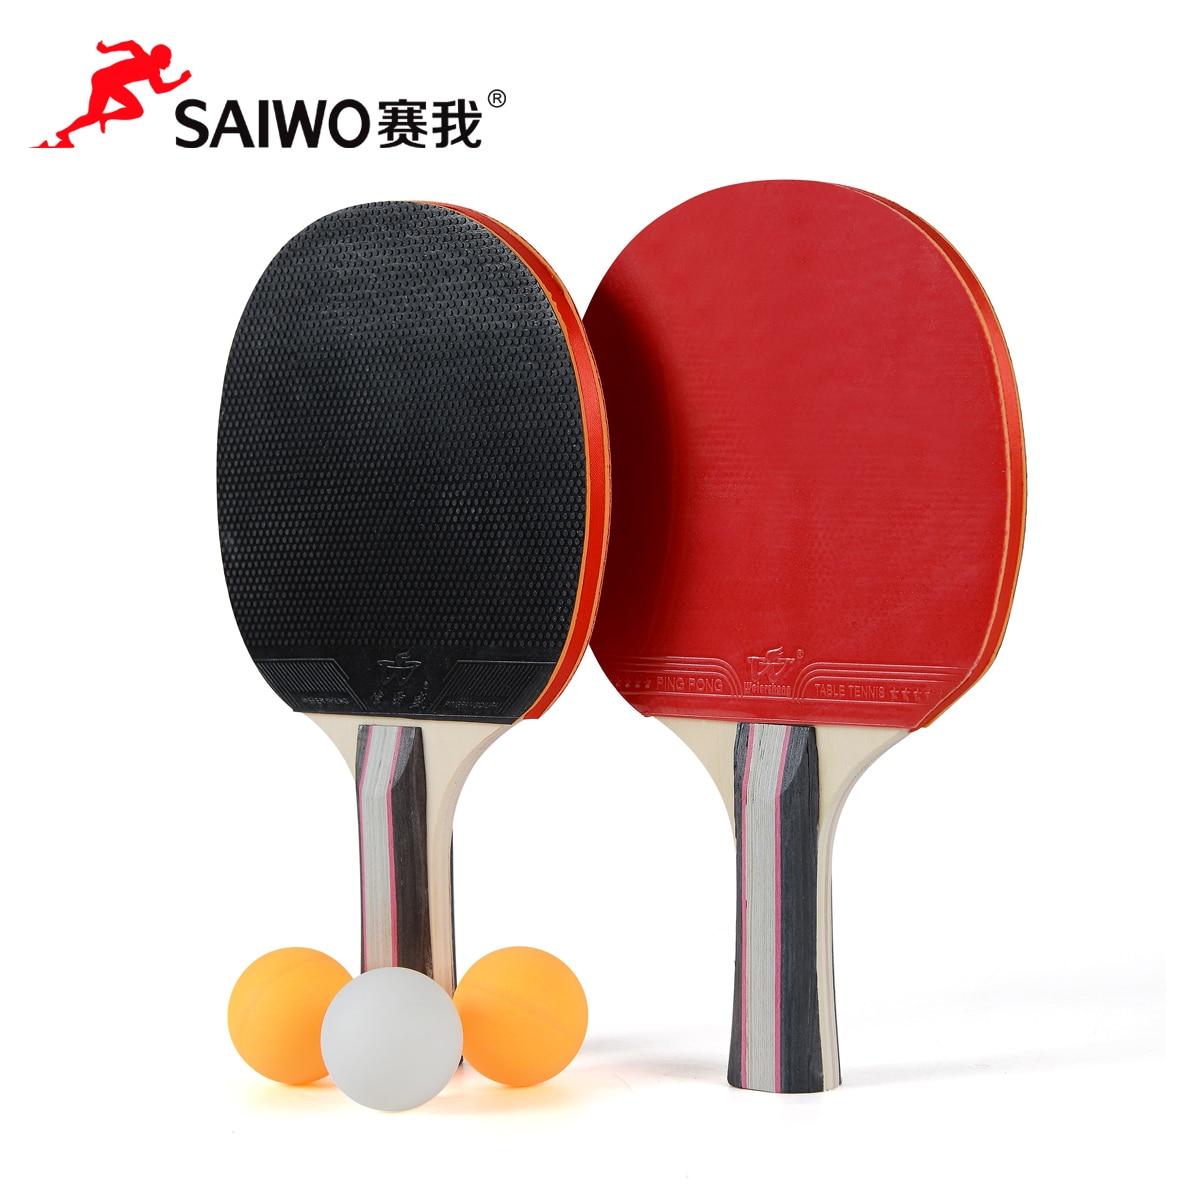 Žoga za namizni tenis žoga za namizni tenis končni izdelki 2 3 žoga 1 set lonec za ping pong dolg / kratek ročaj namizni tenis lopar